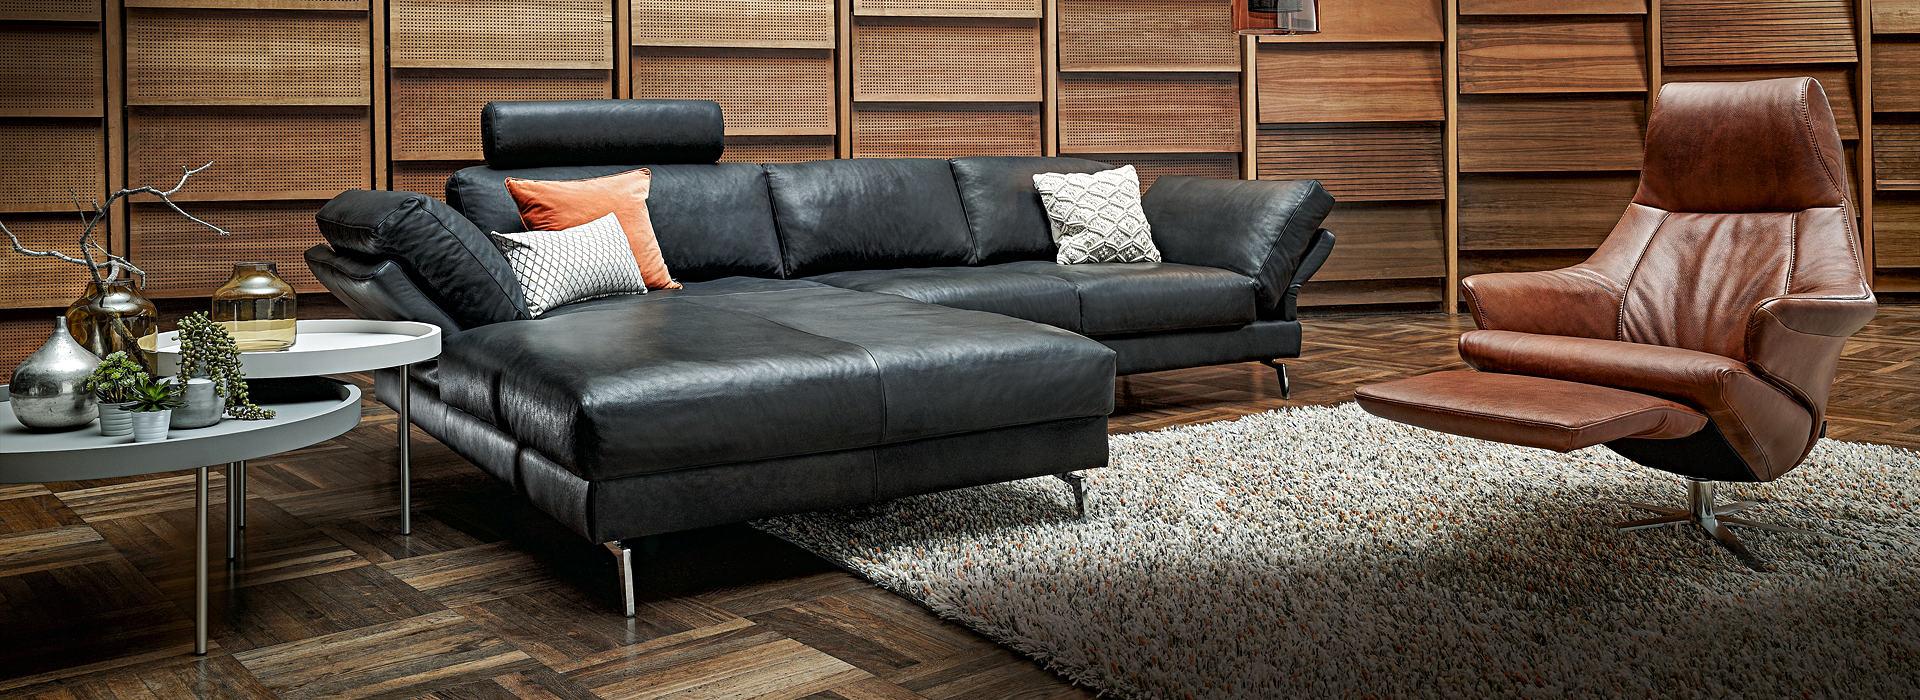 Full Size of Sofa Mit Verstellbarer Sitztiefe Big Ecksofa Elektrisch Mega Verkaufen Terassen Bett Ausziehbett Indomo Elektrischer Sitztiefenverstellung Zweisitzer Muuto 2 Sofa Sofa Mit Verstellbarer Sitztiefe